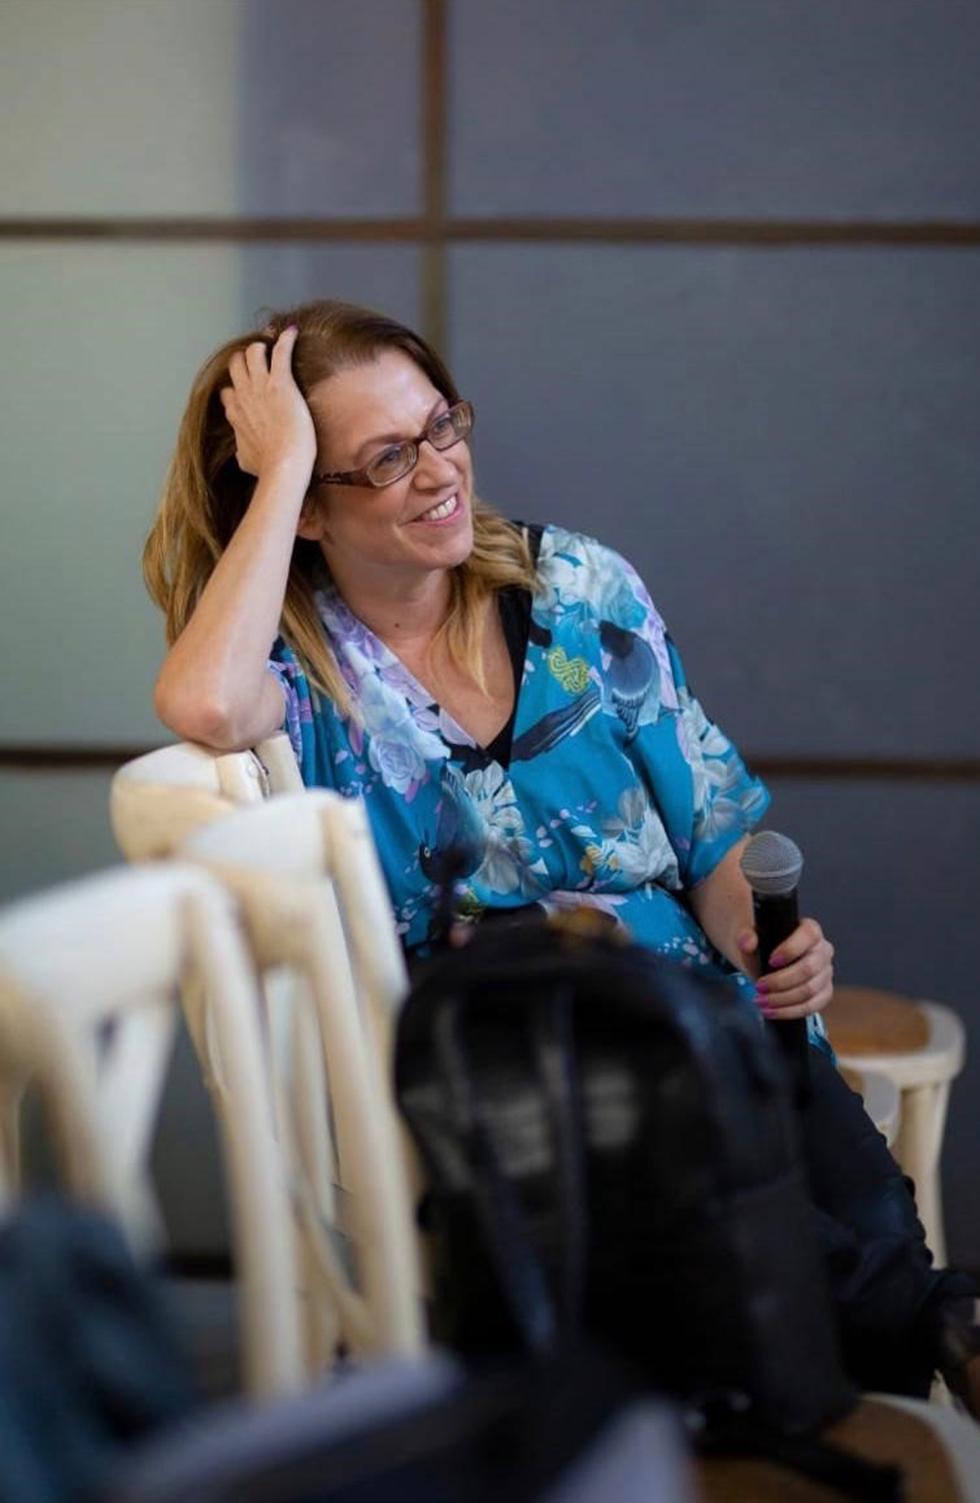 תרומות שבועי אודליה רוזנפלד (צילום: יח